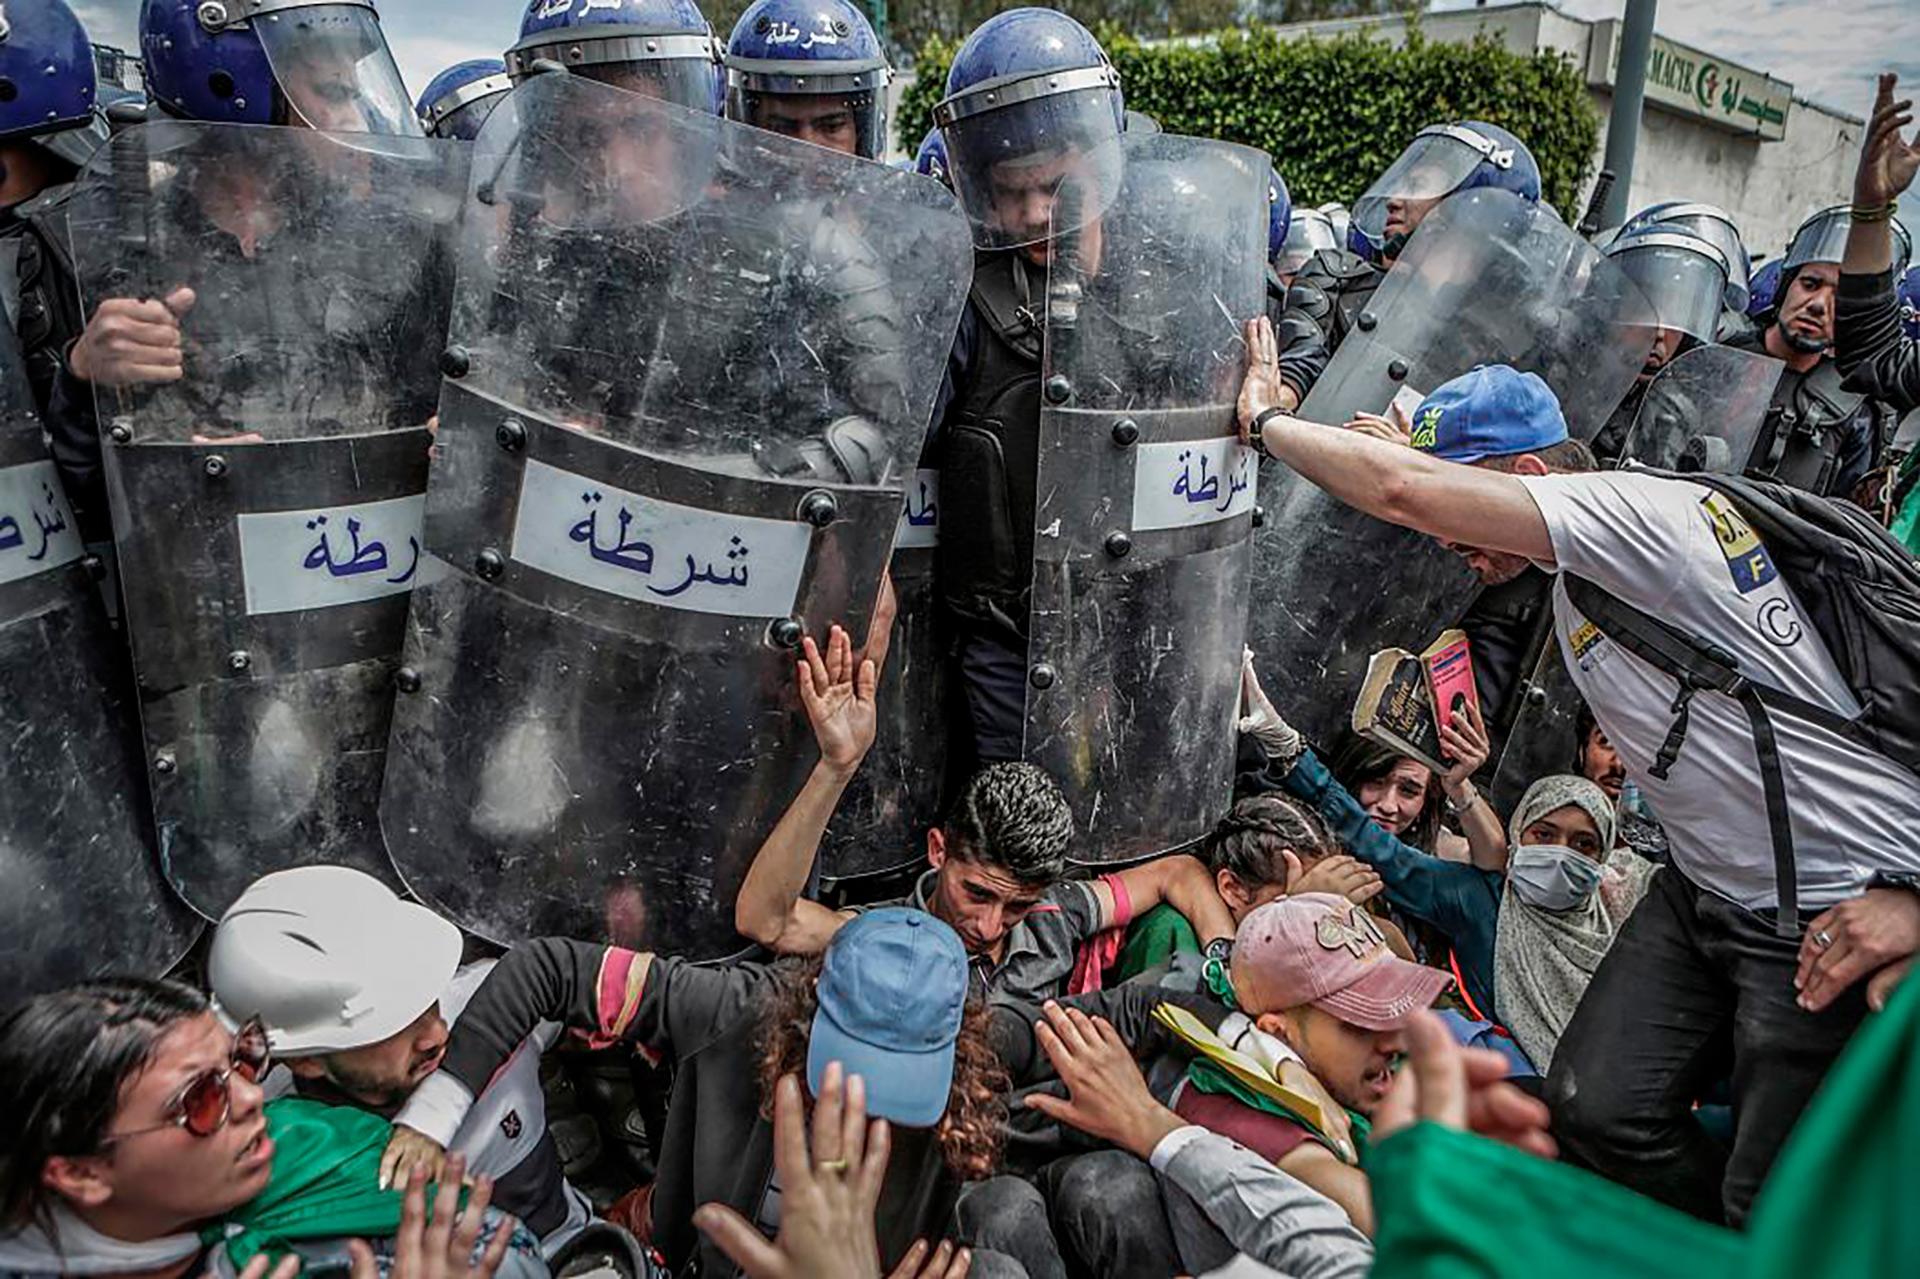 Choque con la policía durante una manifestación antigubernamental en Argelia (Farouk Batiche para Deutsche Presse)